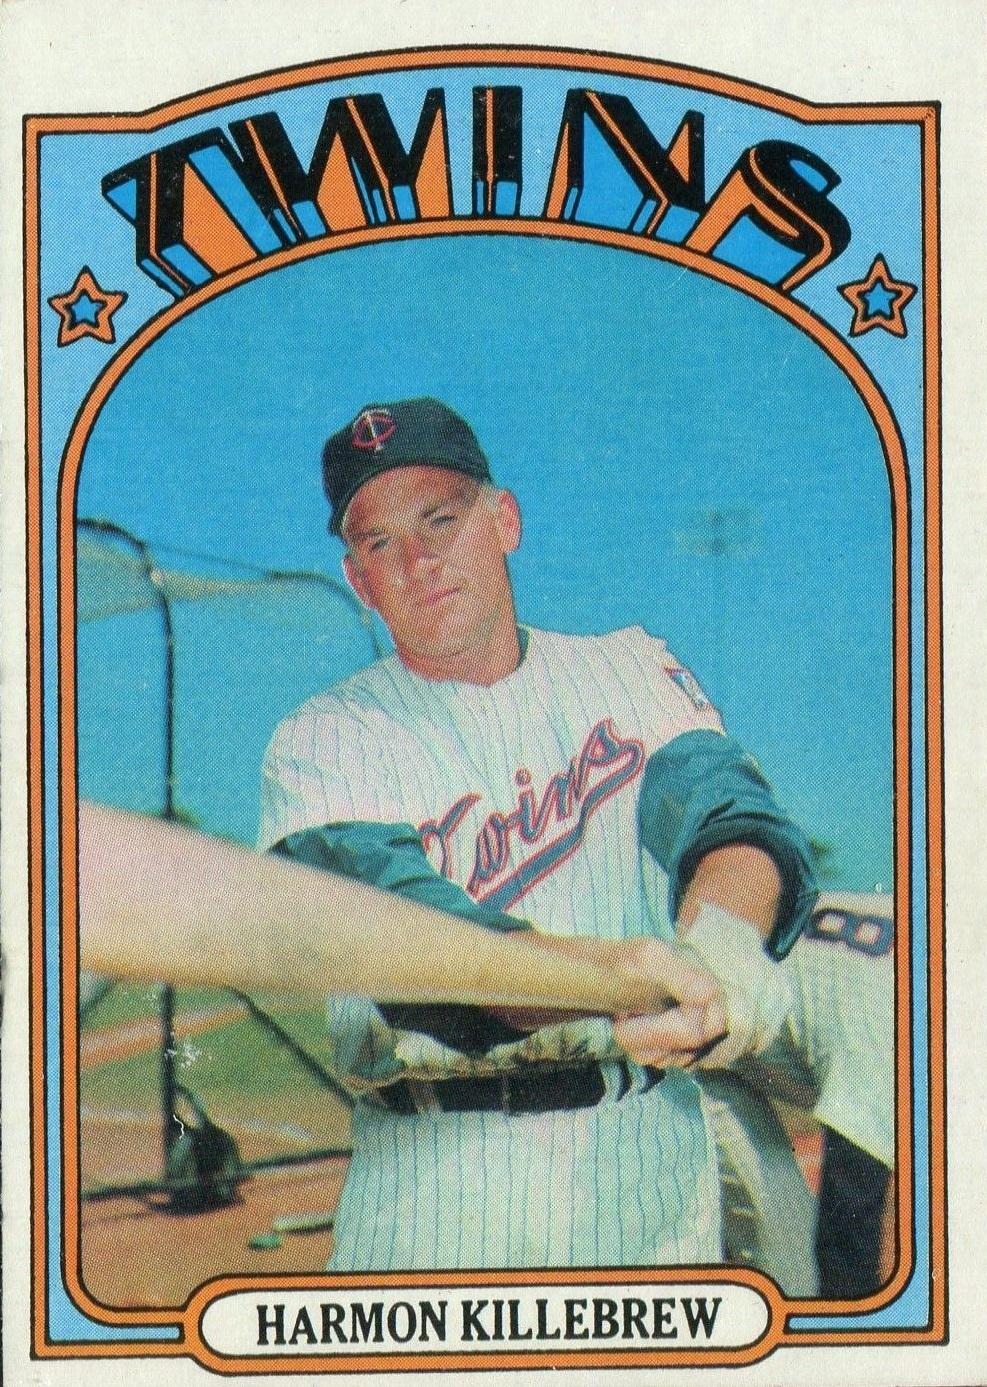 1972 Topps Harmon Killebrew